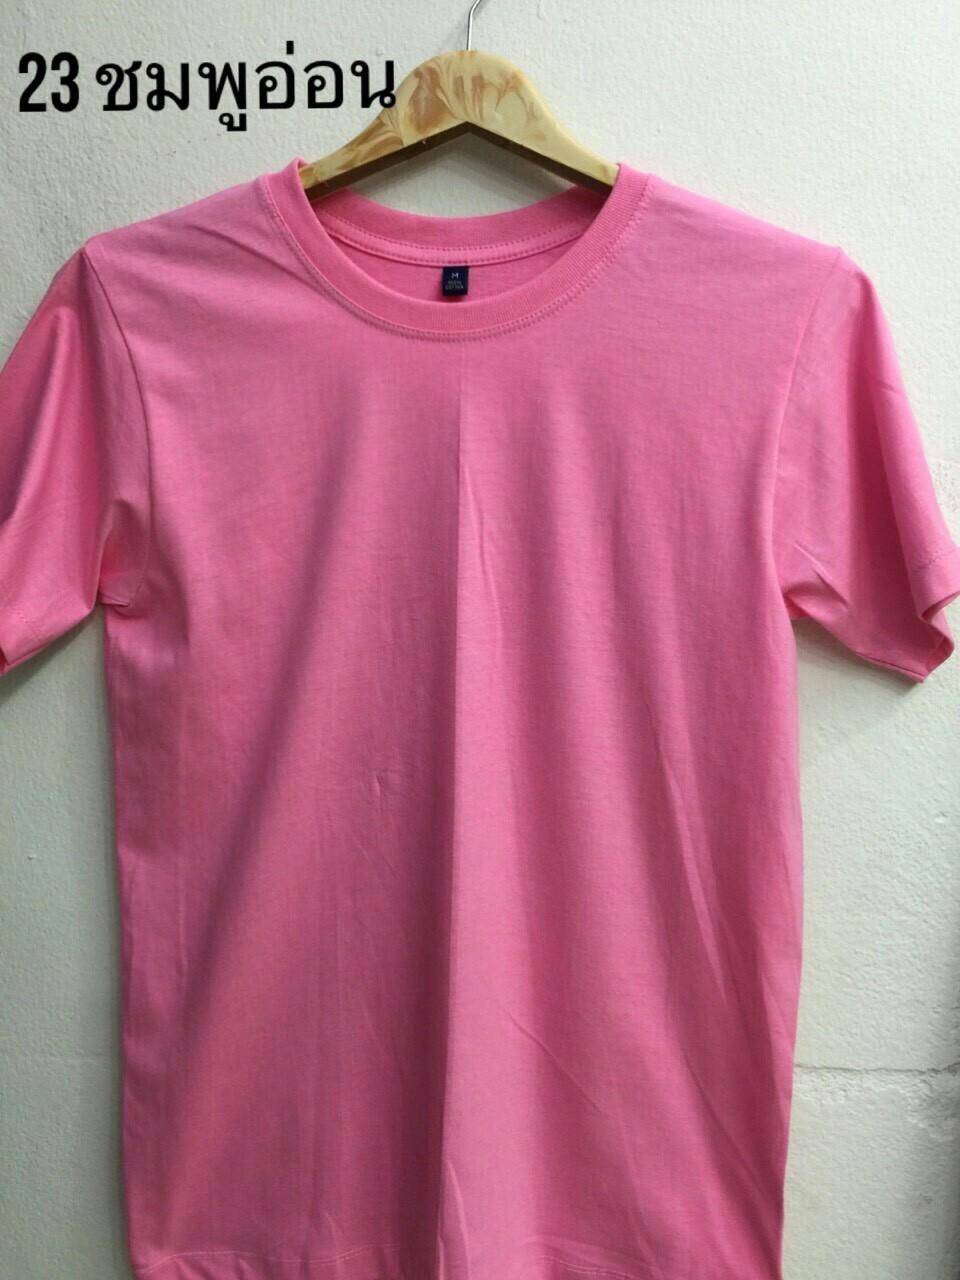 เสื้อ Cotton สีชมพูอ่อน ไซส์ S,M,L